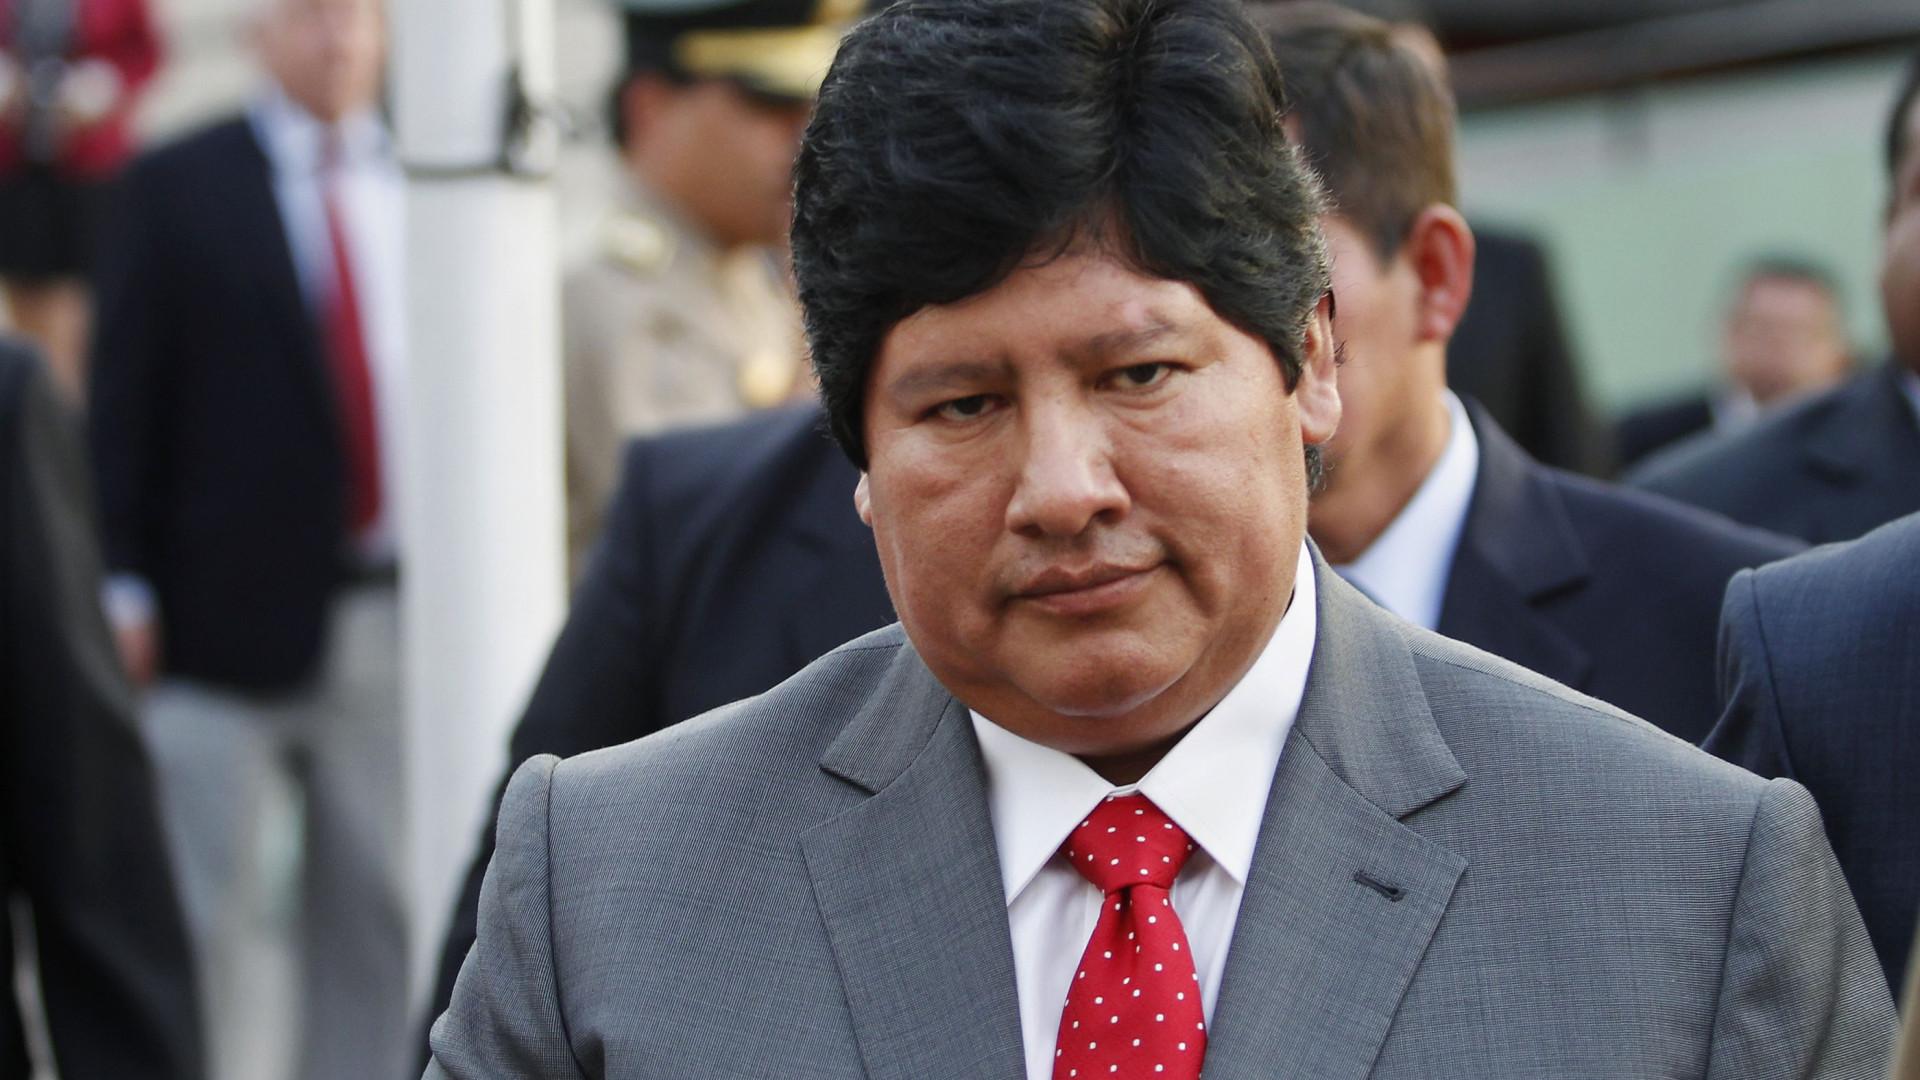 Presidente da federação peruana condenado a 18 meses de prisão preventiva